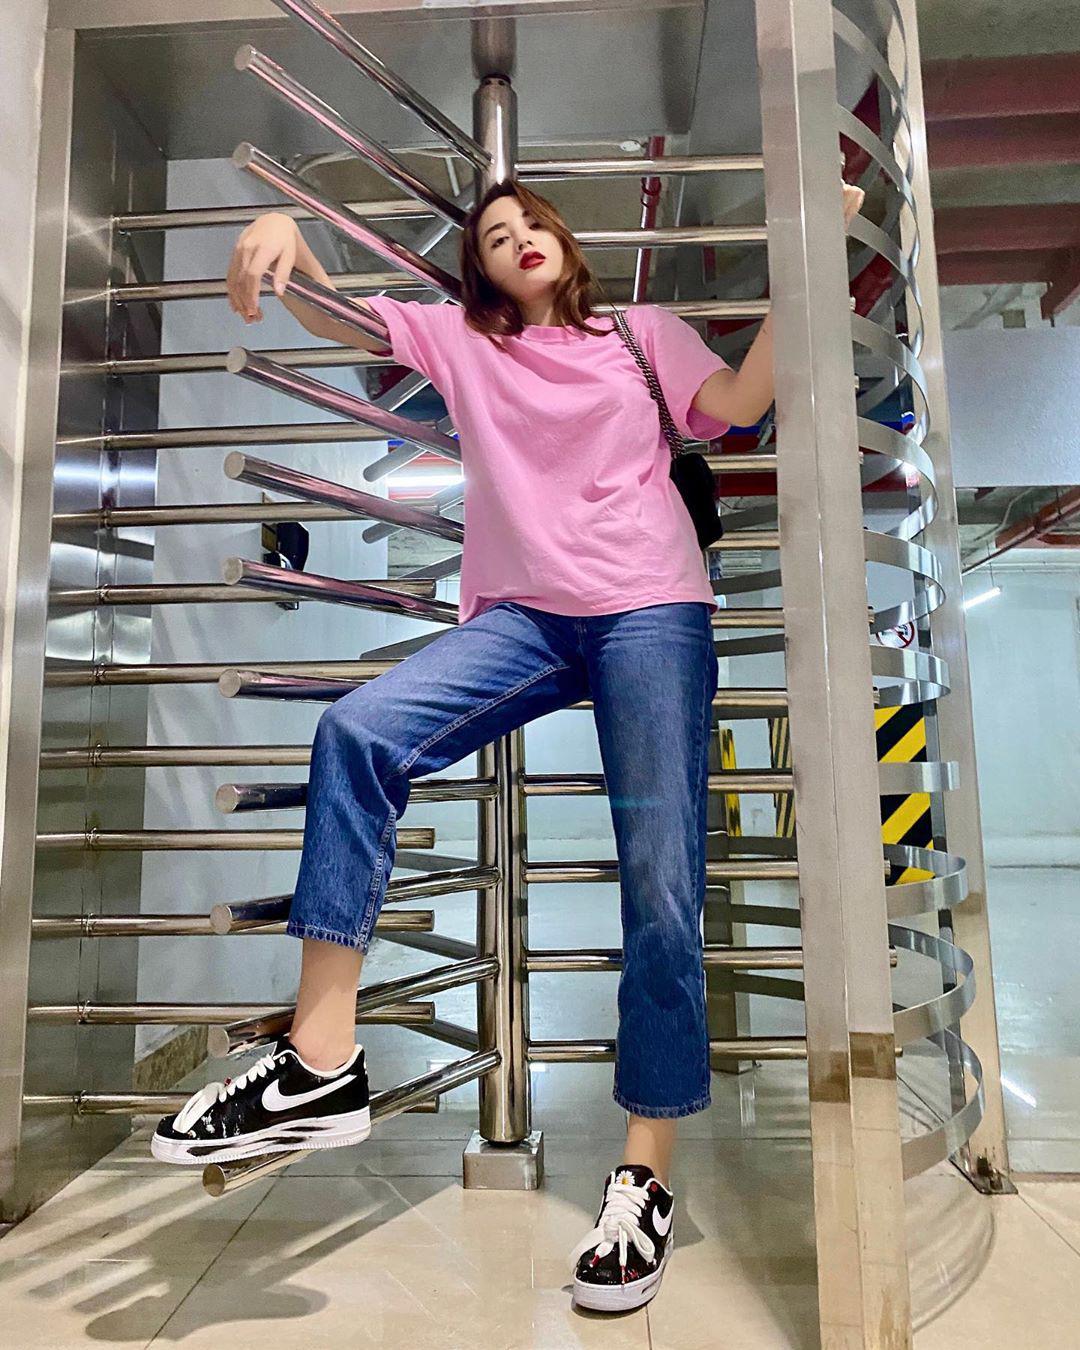 Chỉ cần áo phông trơn với quần jeans Kỳ Duyên vẫn ấn tượng nhờ đôi sneakers hoa cúc đình đám. Nhìn kỹ chút cũng thấy đôi sneakers này của Kỳ Duyên bắt đầu bạc đôi ba phần rồi.